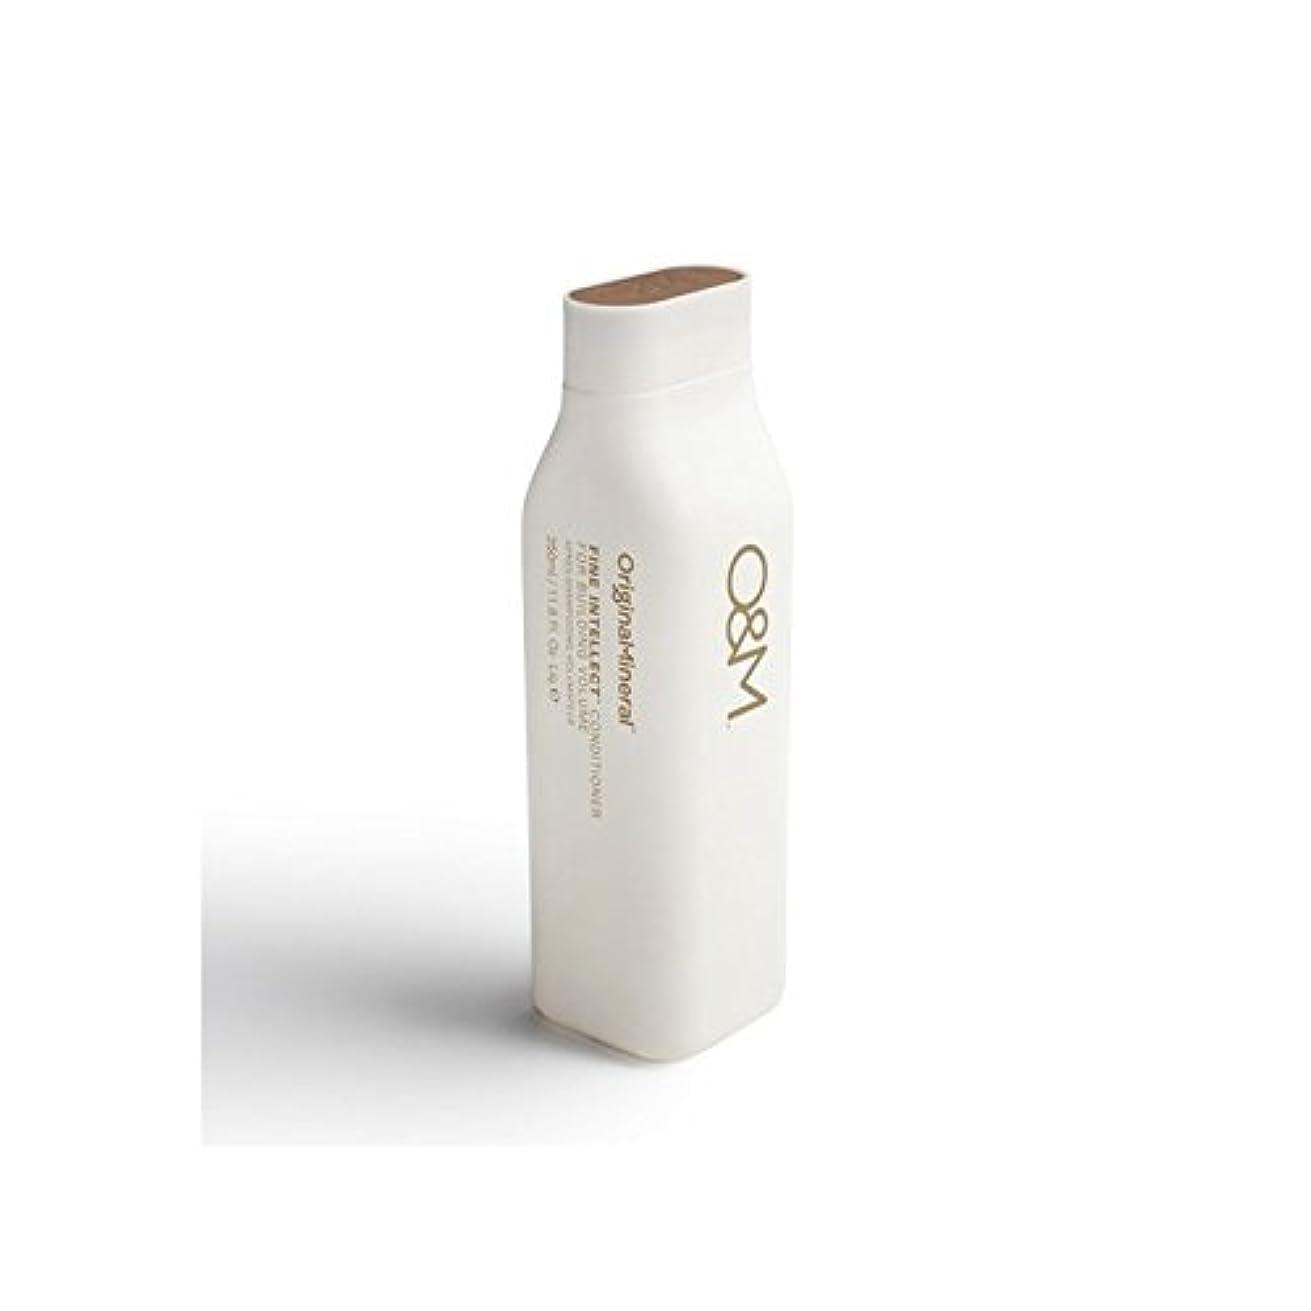 誘発する引数抑止するOriginal & Mineral Fine Intellect Conditioner (350ml) - オリジナル&ミネラル細かい知性コンディショナー(350ミリリットル) [並行輸入品]